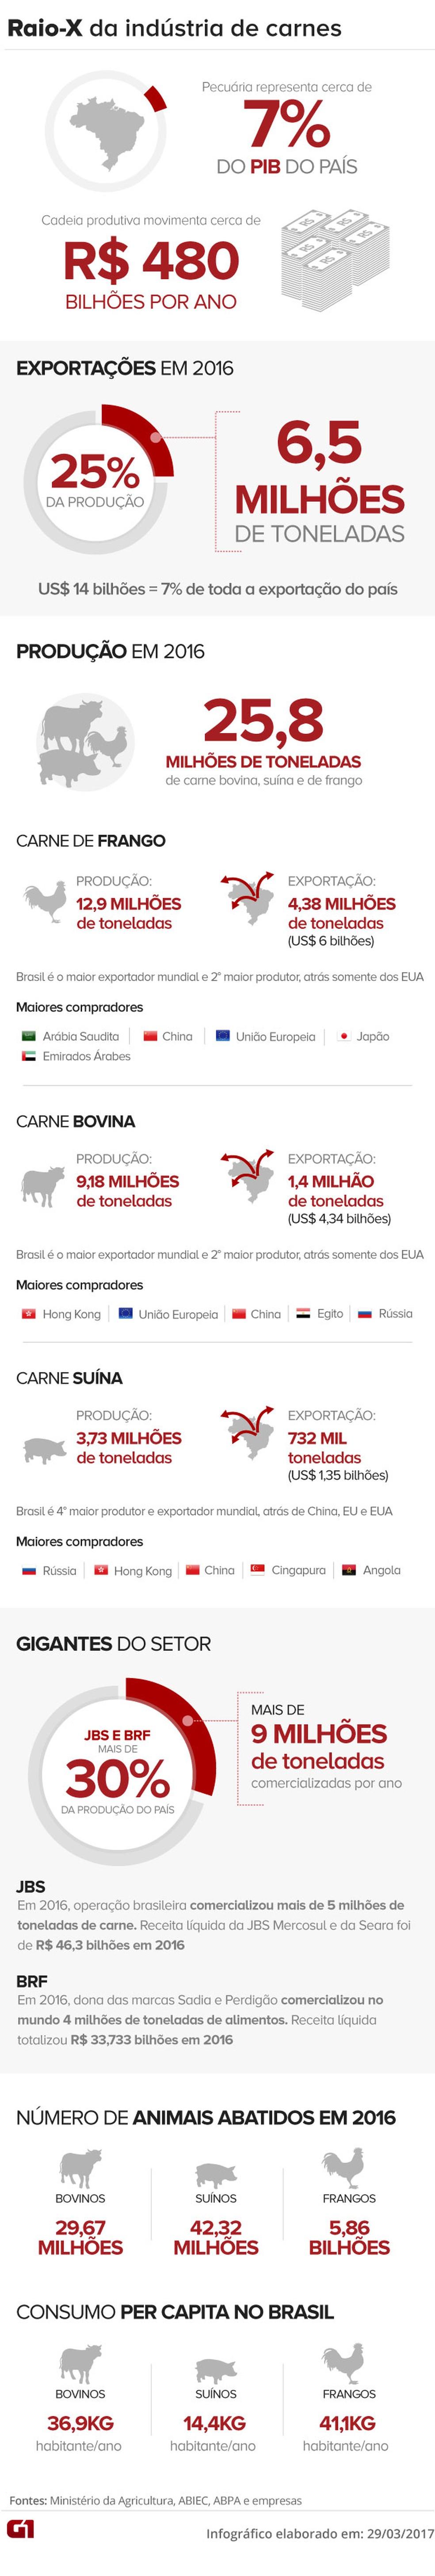 Veja números do setor de carnes e peso na economia (Foto: Arte G1)